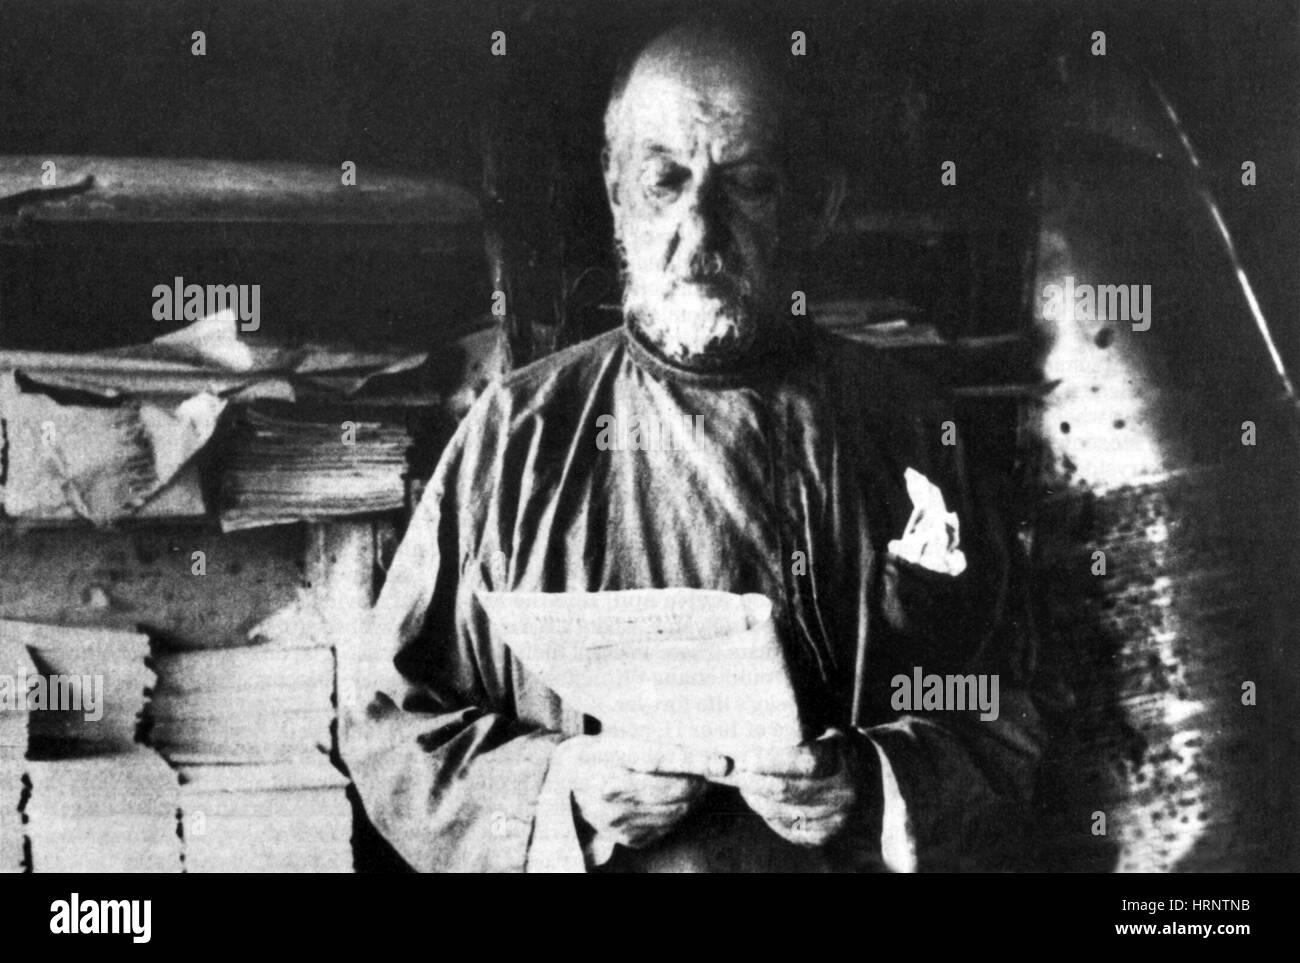 Konstantin Tsiolkovsky, Rocket Scientist - Stock Image